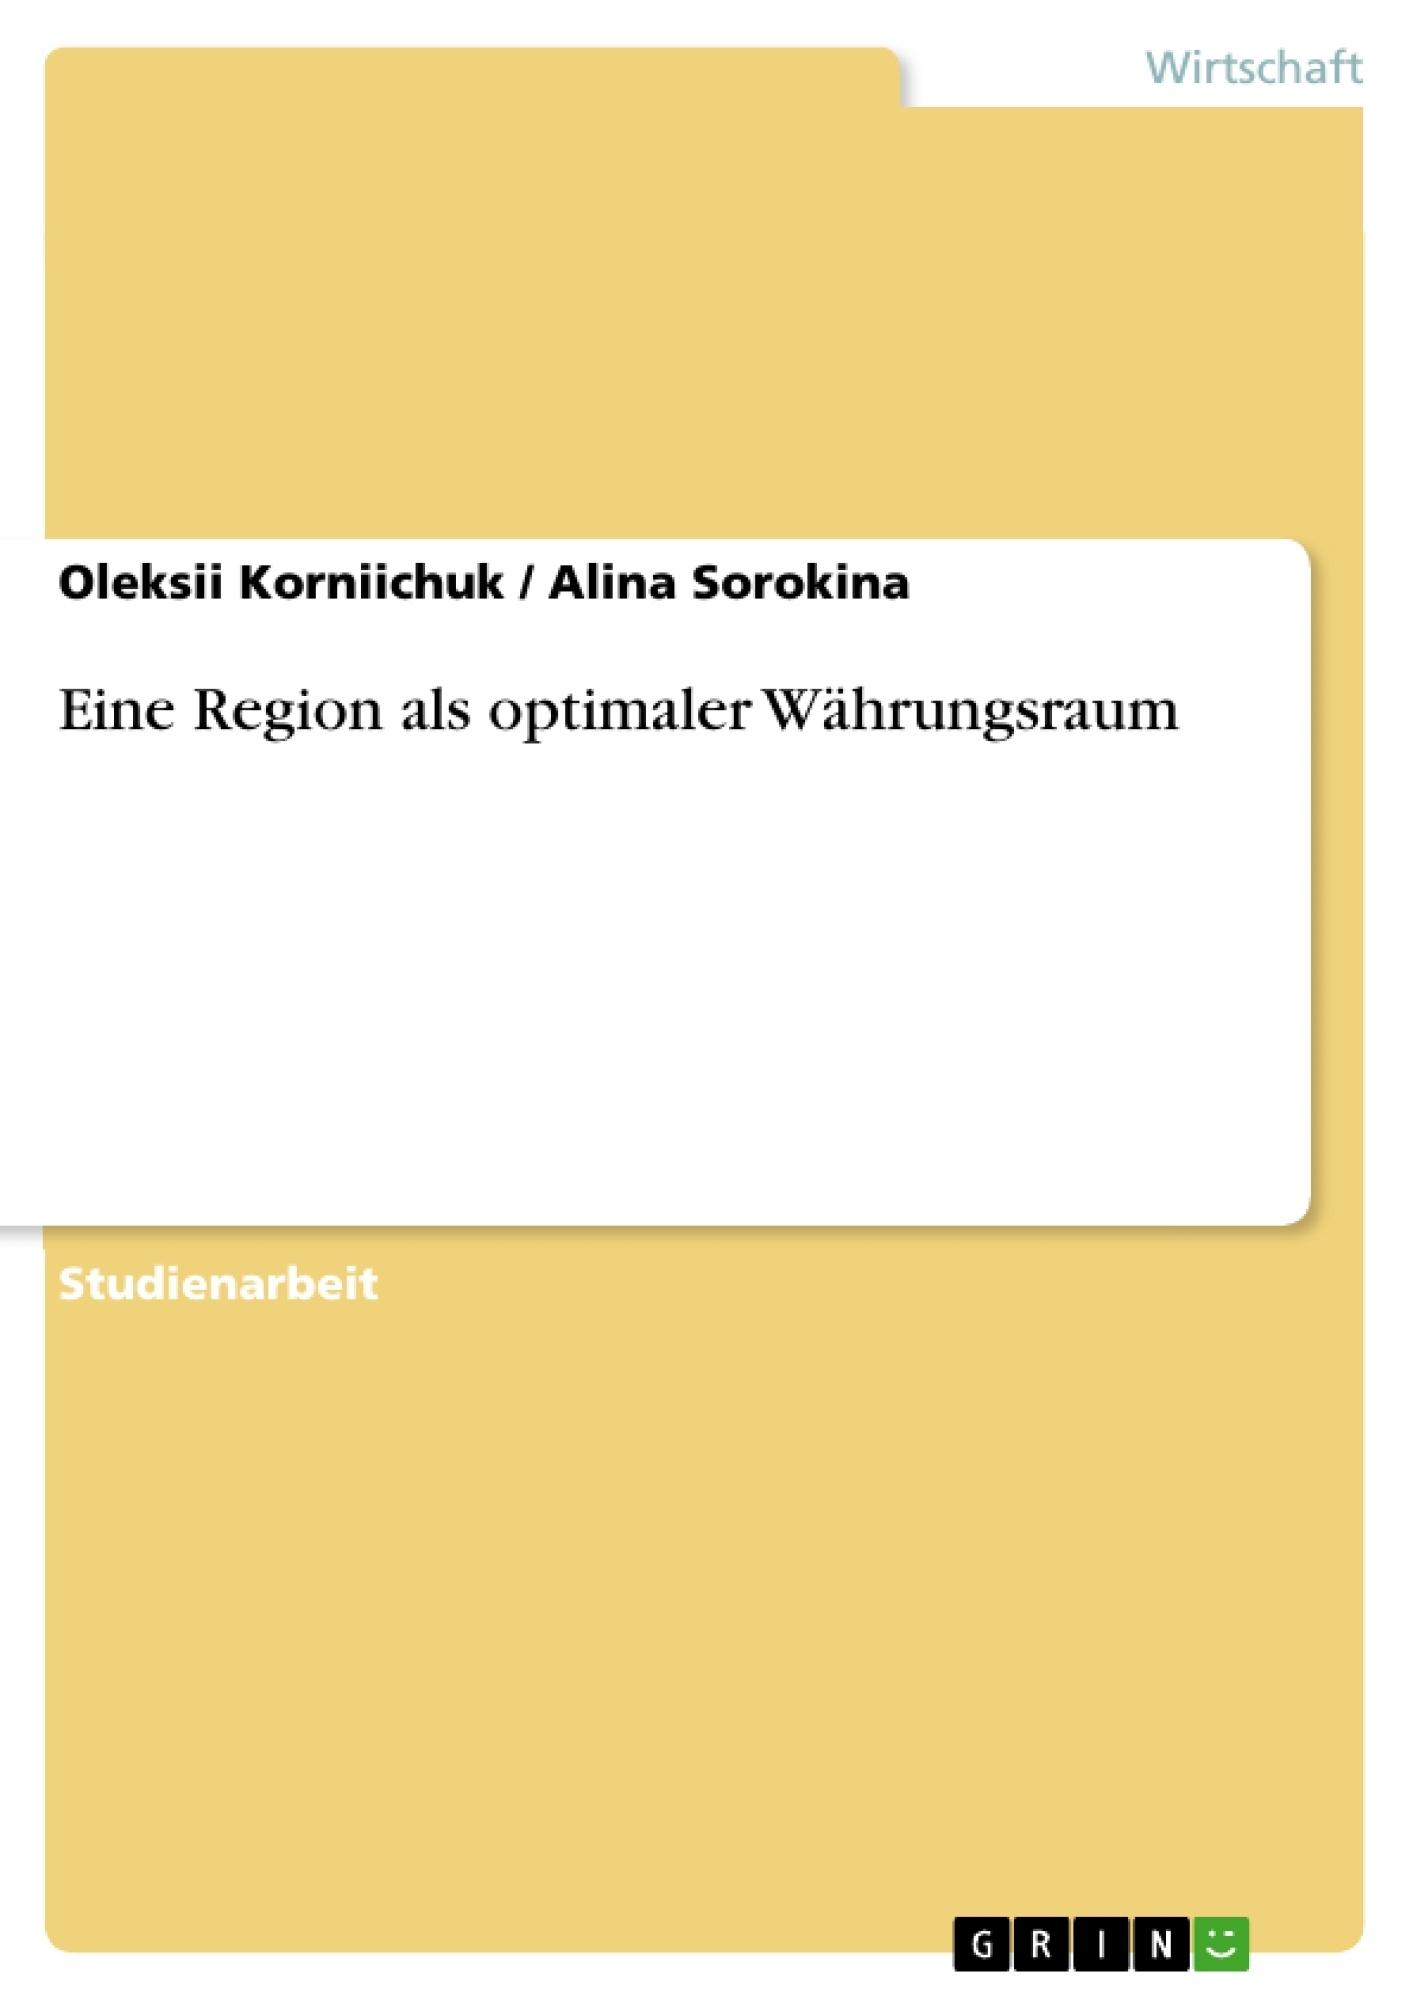 Titel: Eine Region als optimaler Währungsraum